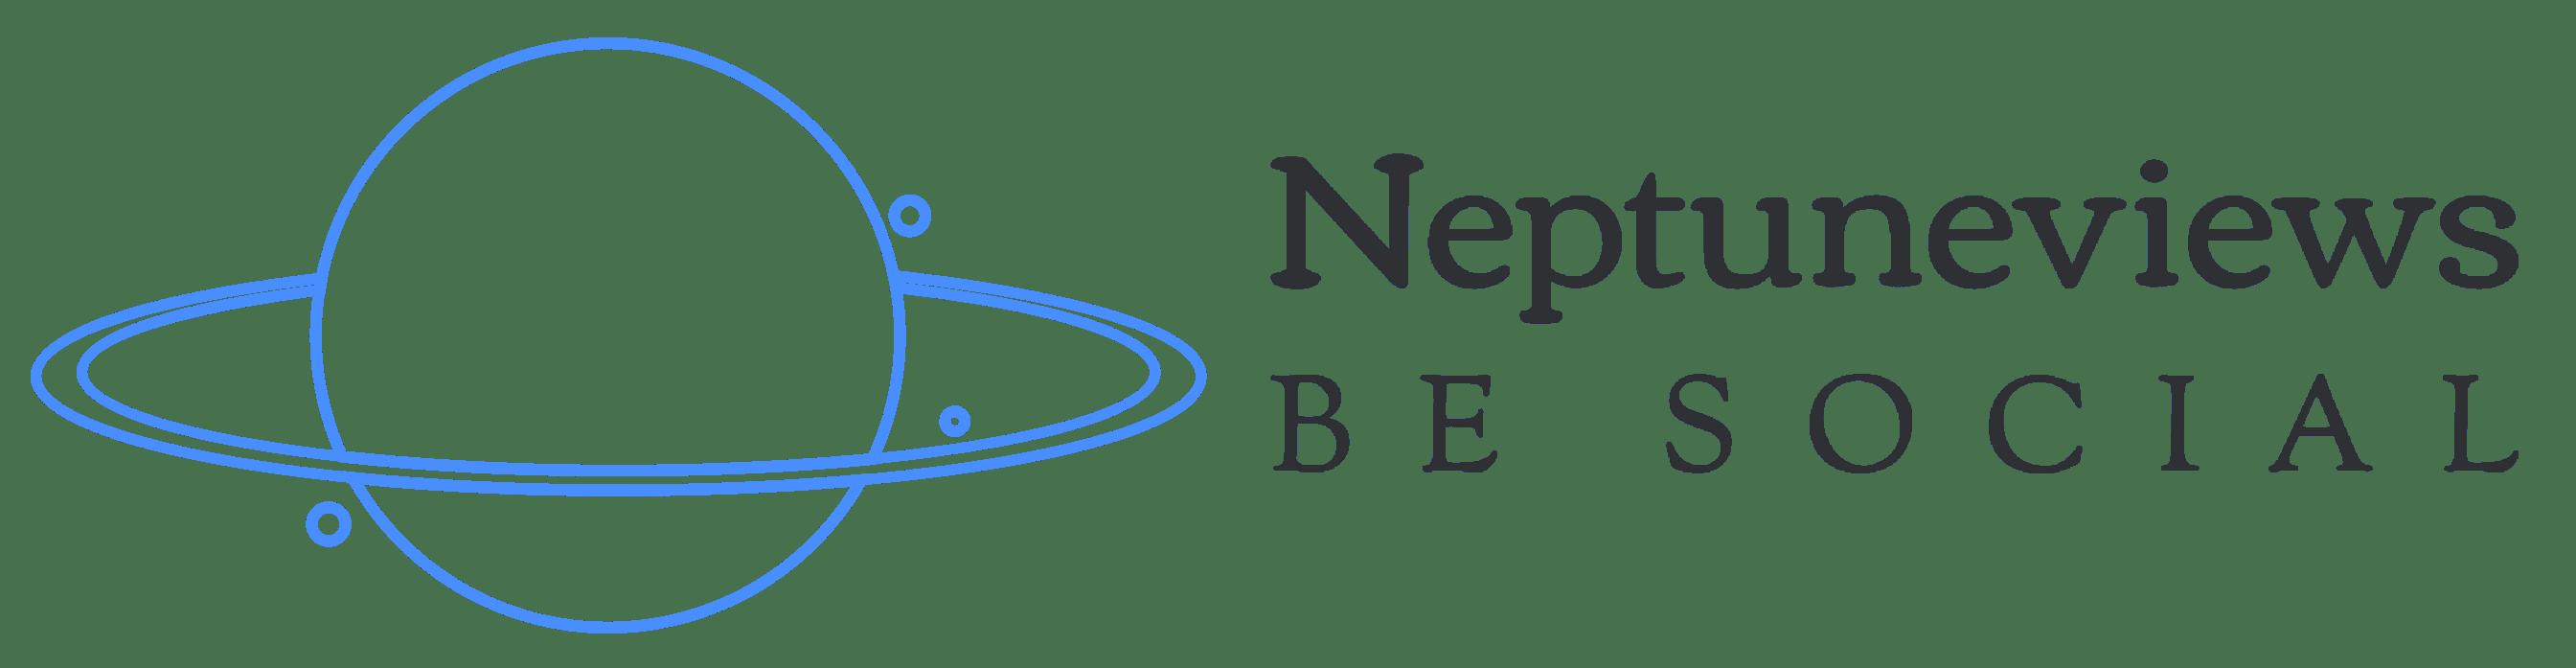 Neptune Views